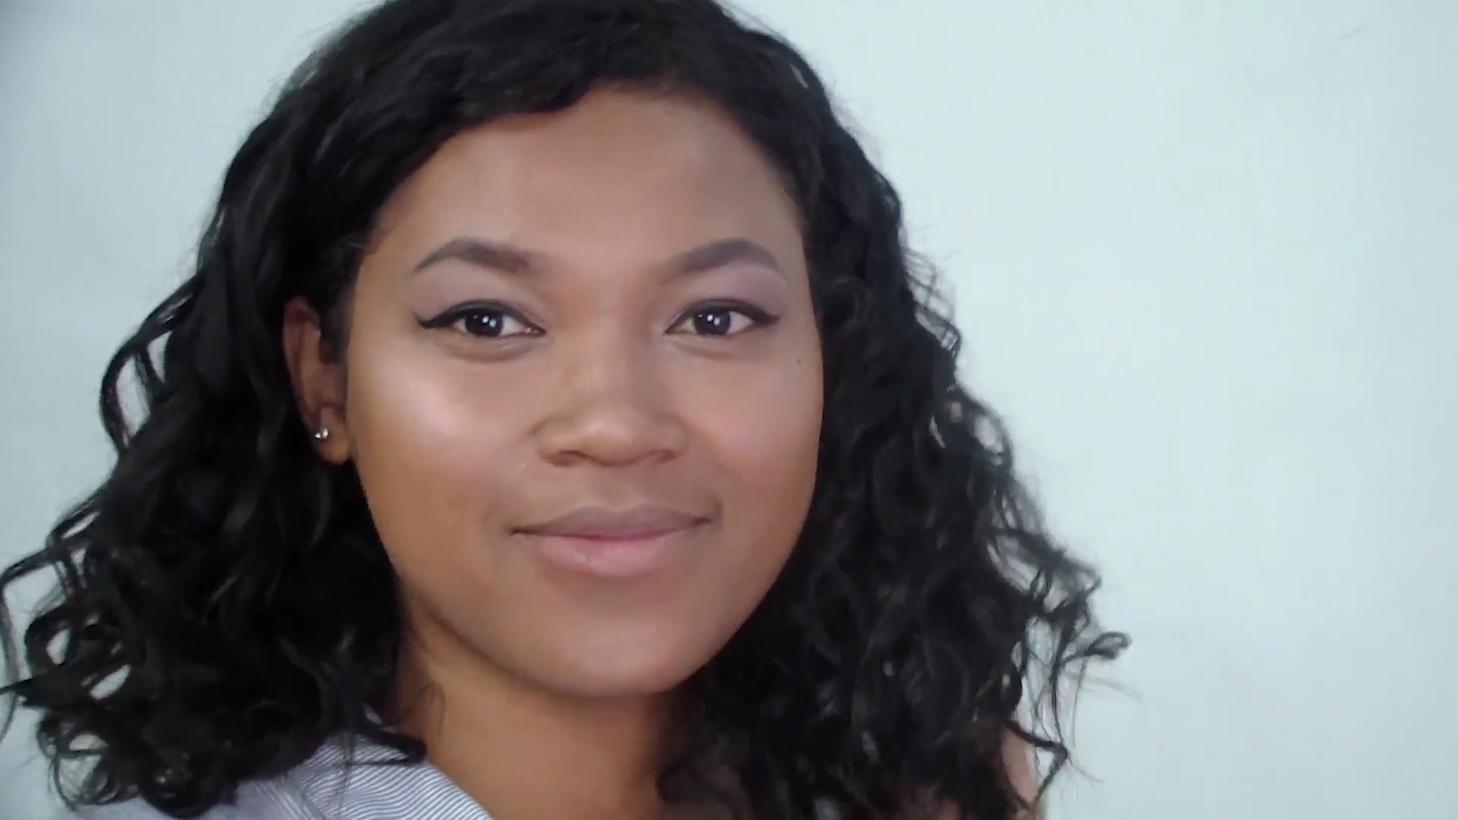 Je n'ai pas hésité à utiliser beaucoup d'highlighter pour le relooking total maquillage de Koloina xD